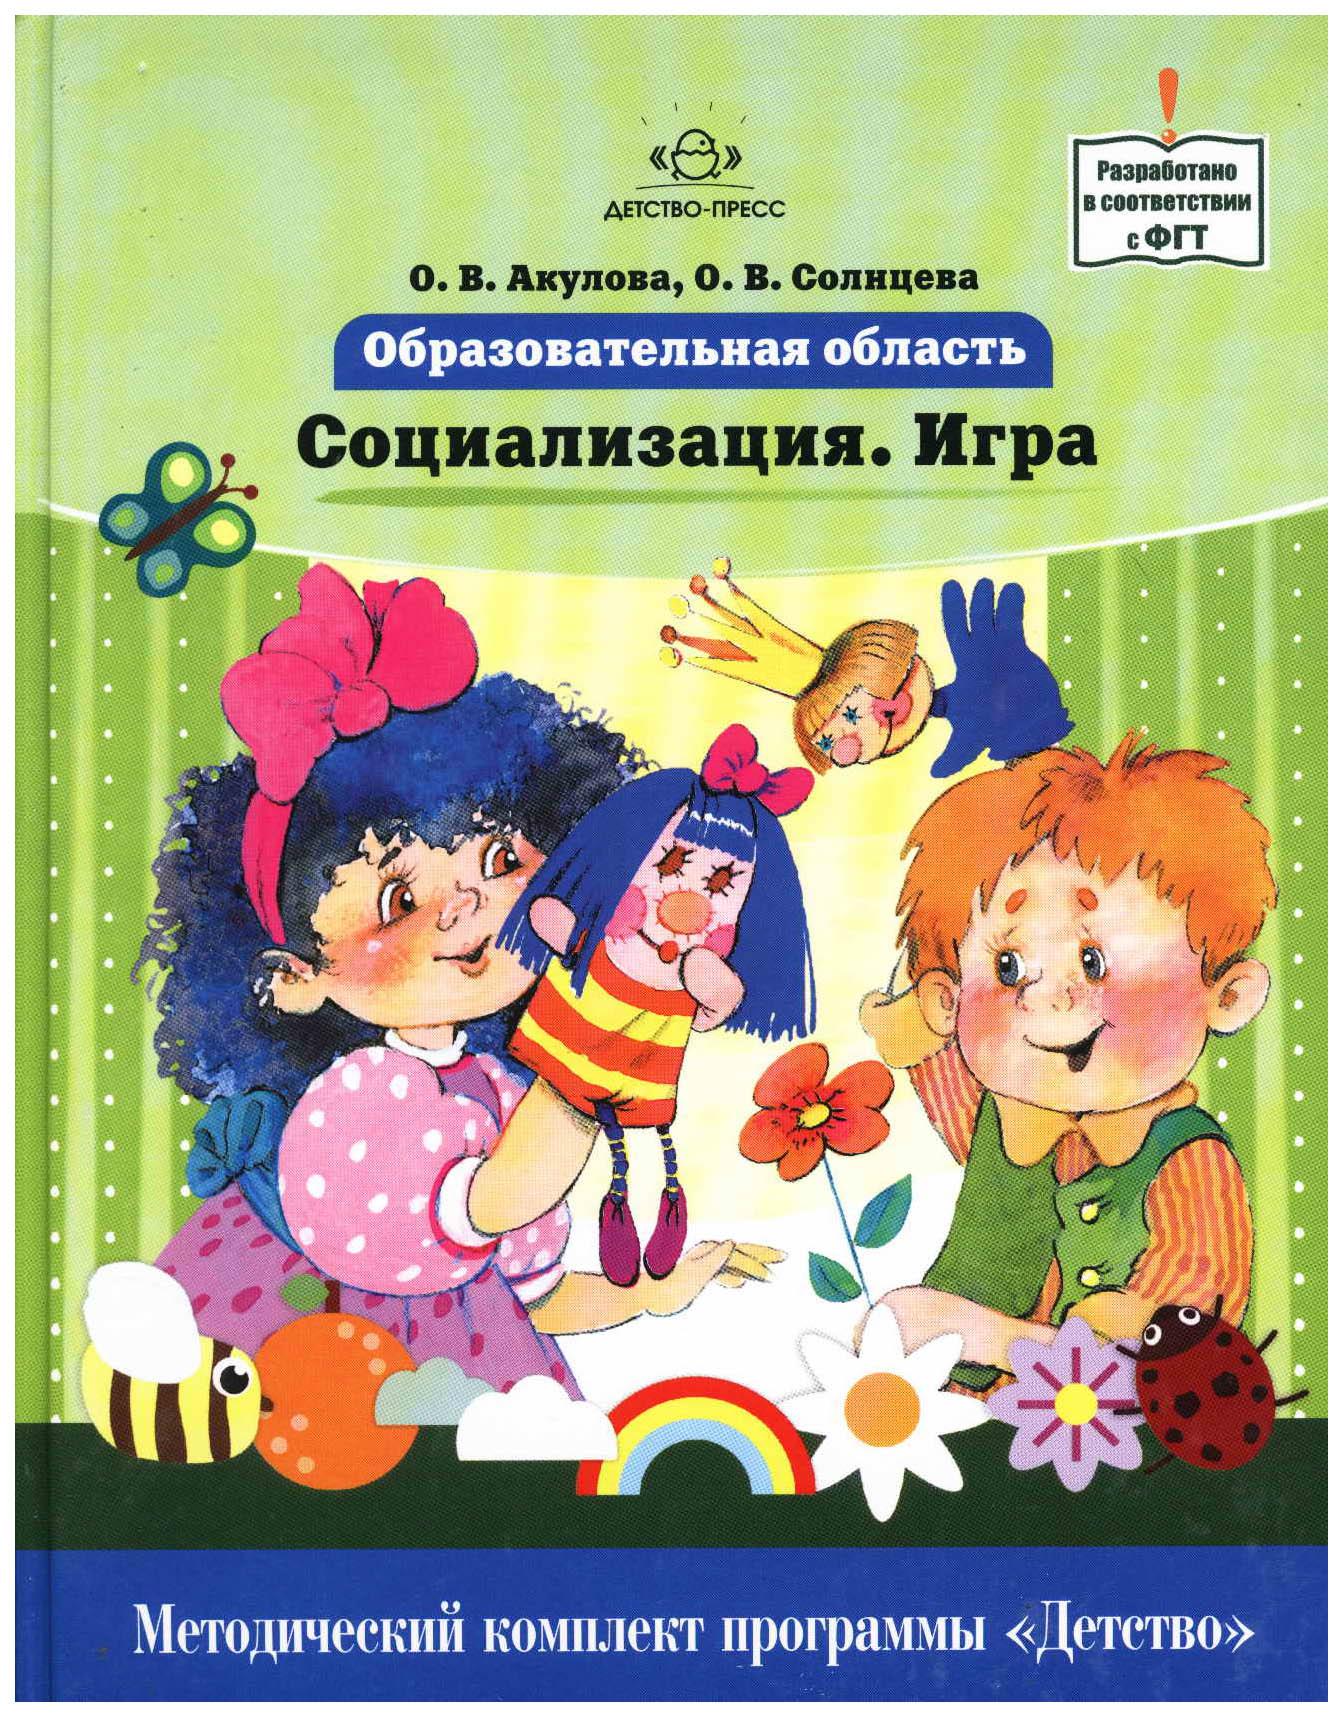 Образовательная Область Социализация. Игра. Методический комплект программы Детство